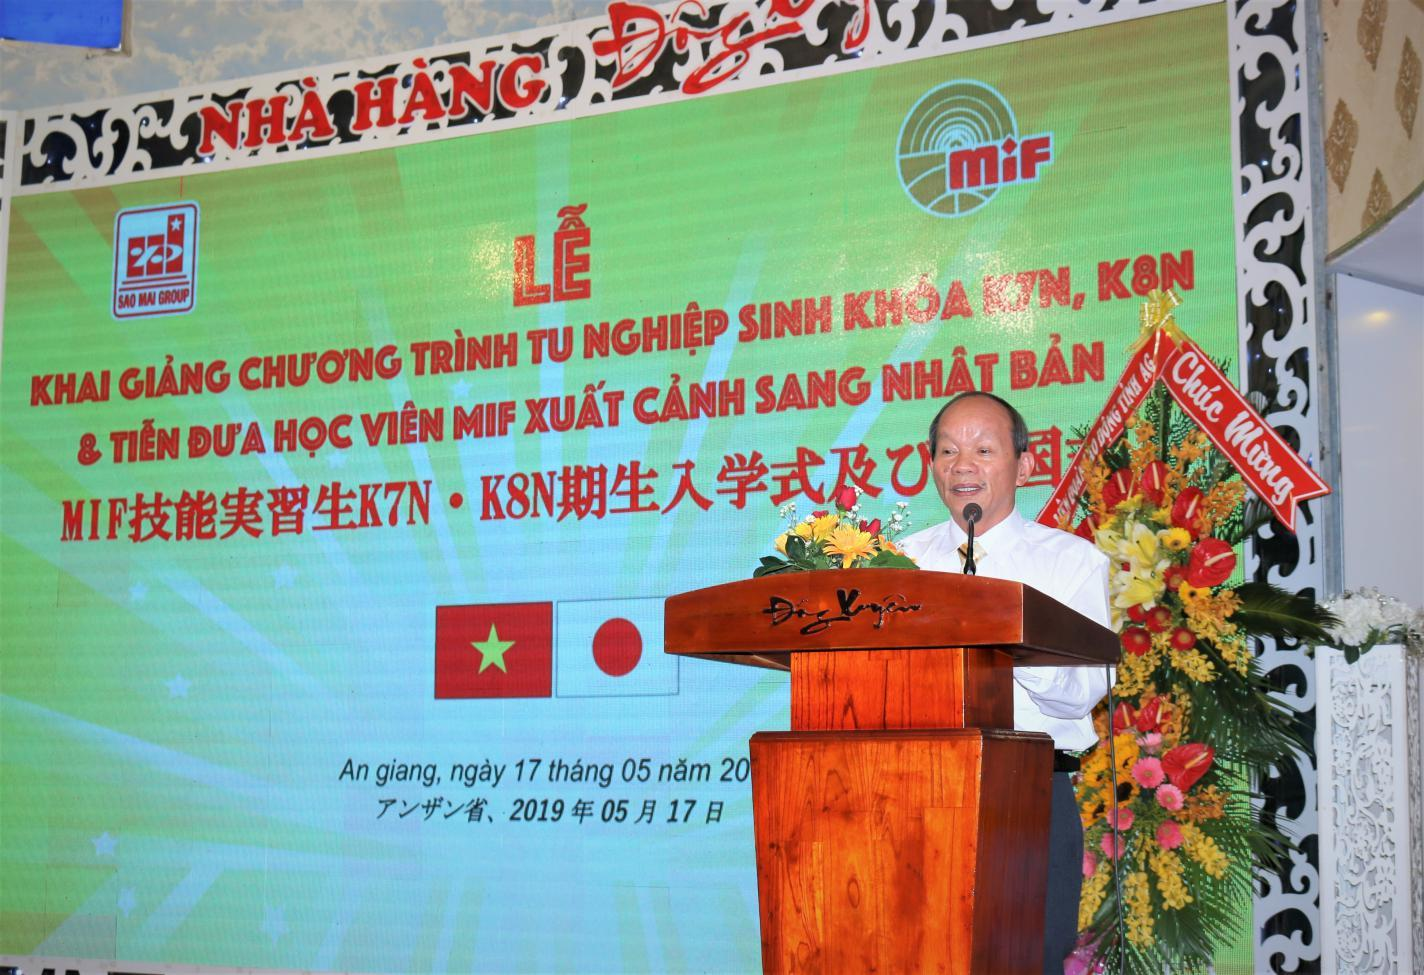 1. Ông Hồ Mạnh Dũng - Tổng giám đốc công ty MIF 'cam kết' sẽ tạo điều kiện tốt nhất cho người lao động khi làm việc nước ngoài.